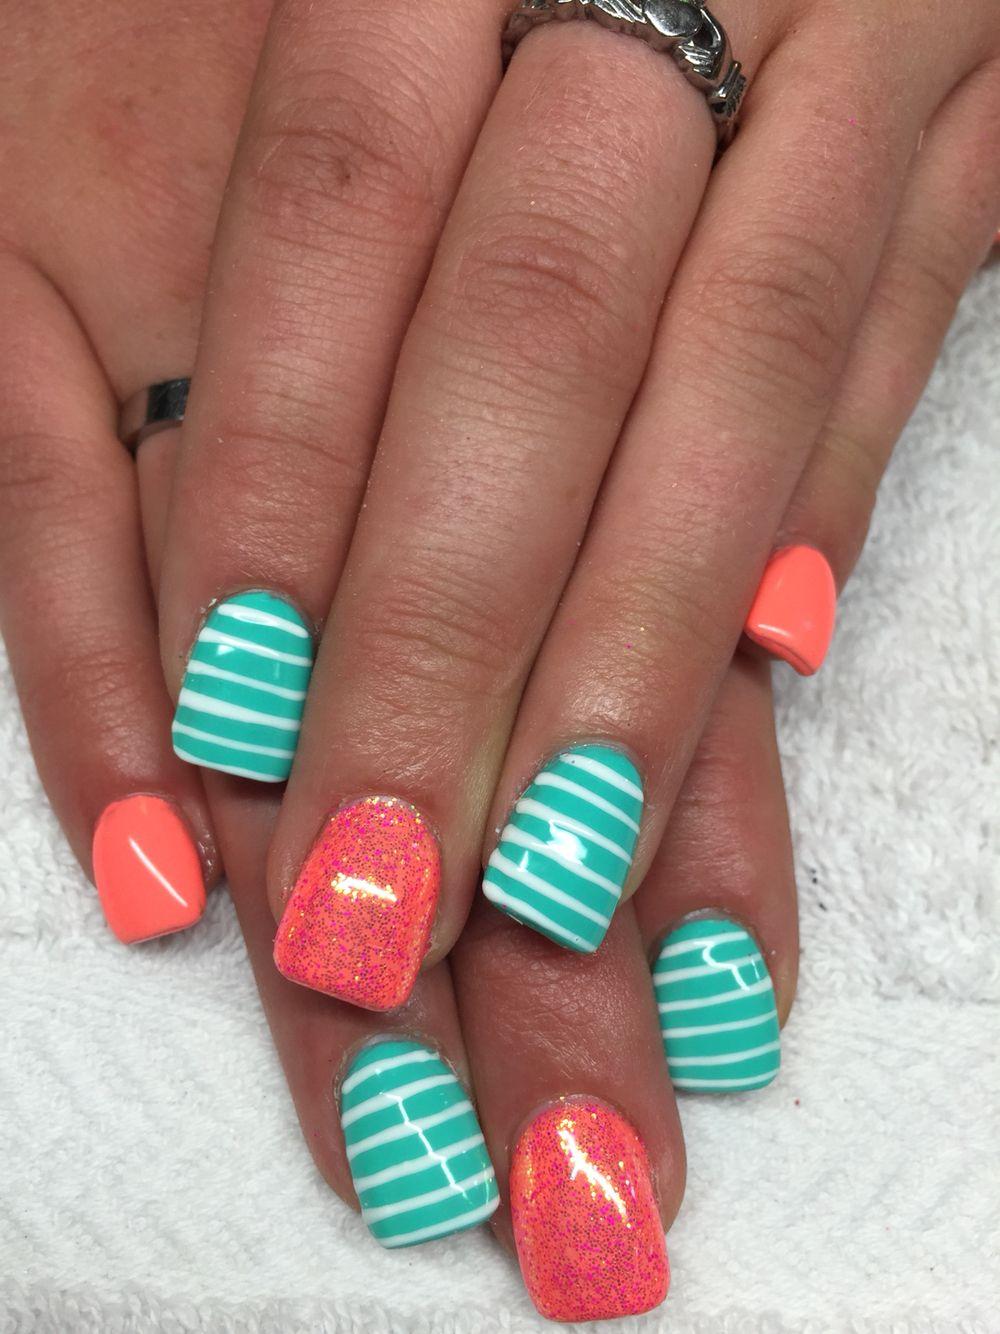 coral and aqua #nails #nailart